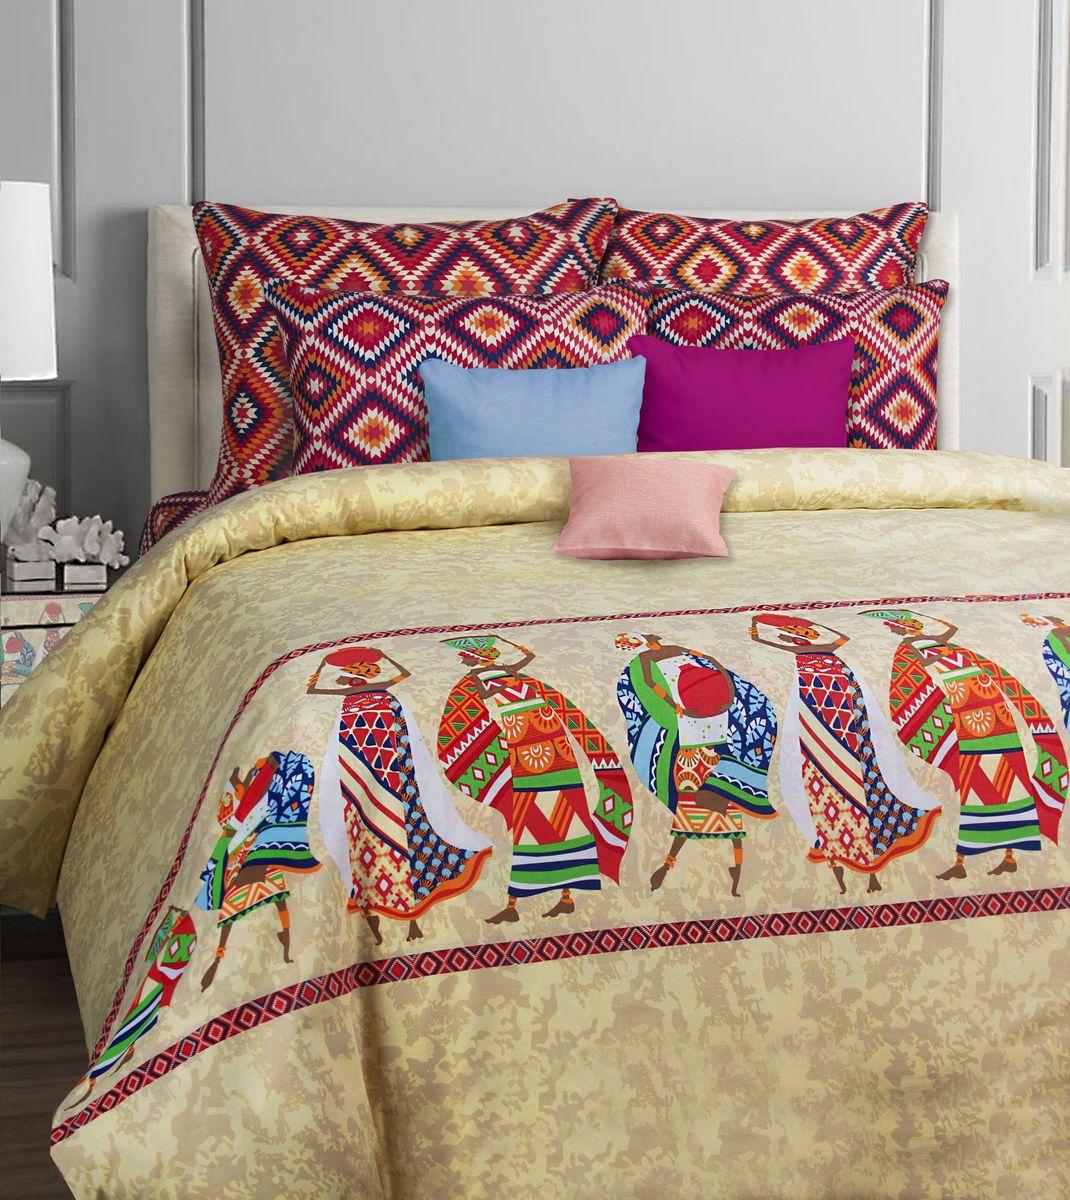 Комплект постельного белья Mona Liza Classik. Afrika, семейный, наволочки 70х70, бязь552405/44Коллекция постельного белья MONA LIZA Classic поражает многообразием дизайнов. Среди них легко подобрать необходимый рисунок, который создаст в доме уют. Комплекты выполнены из бязи 100 % хлопка.